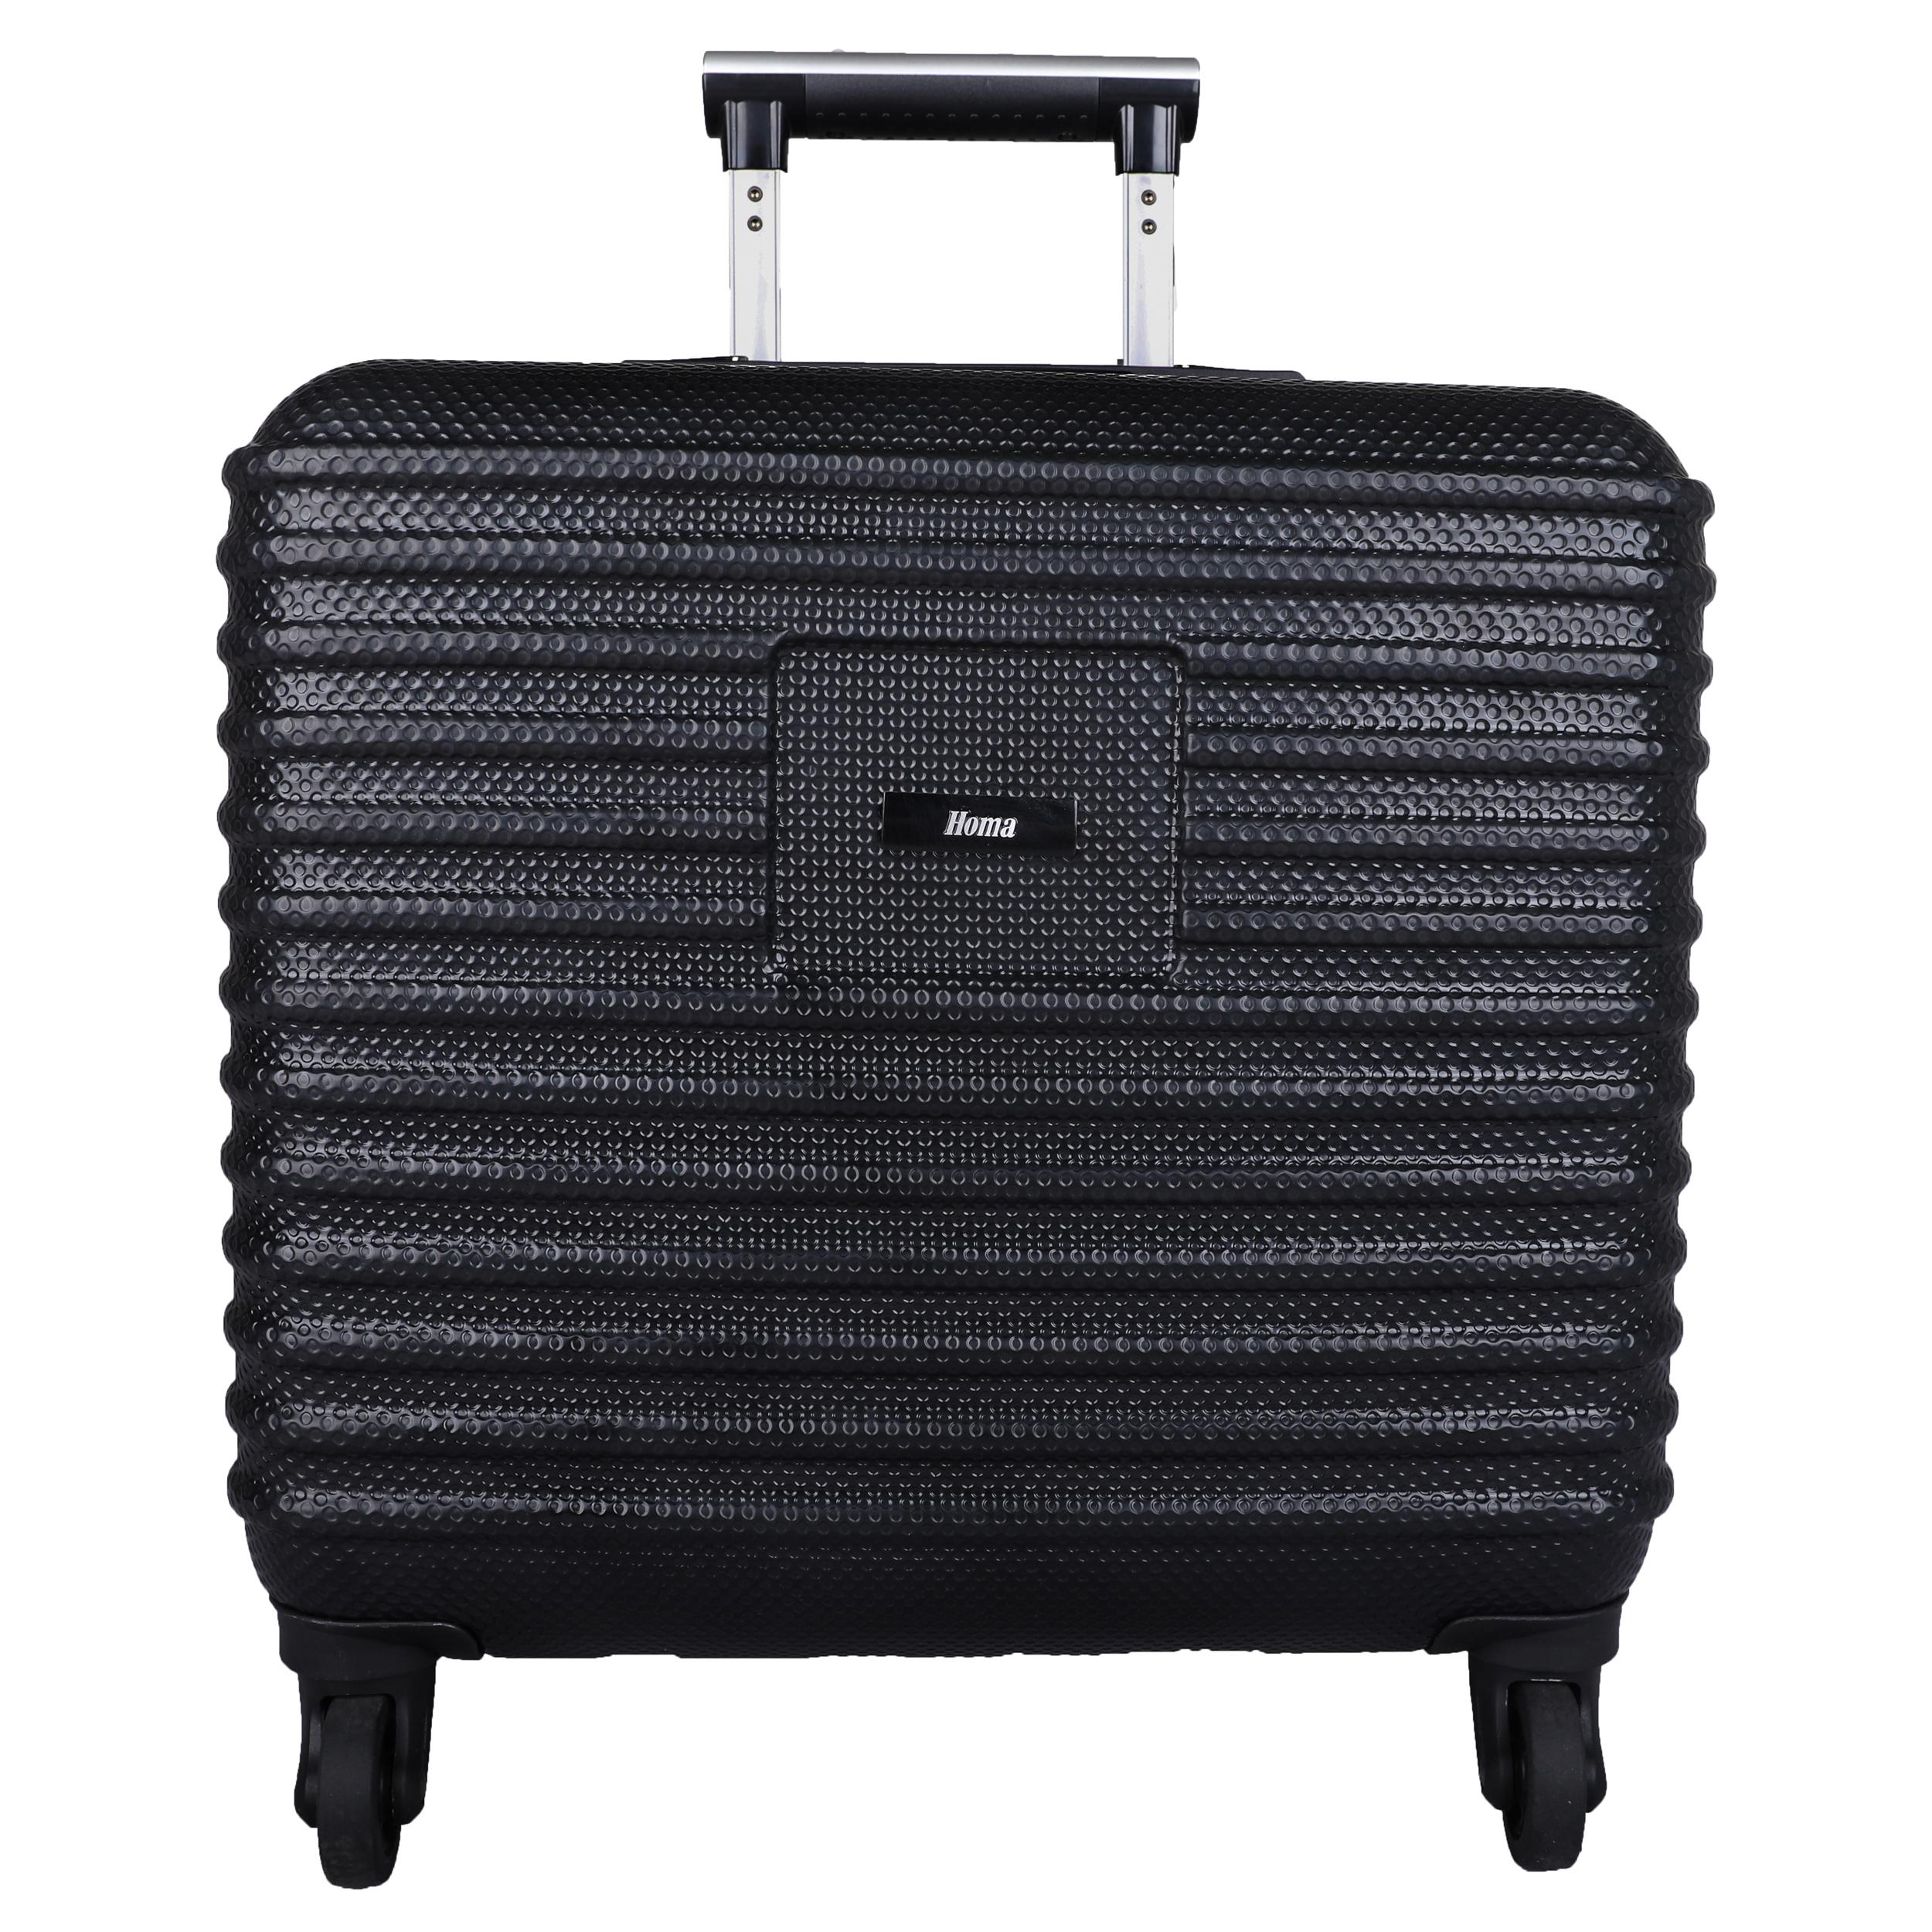 چمدان خلبانی هما مدل DOOK